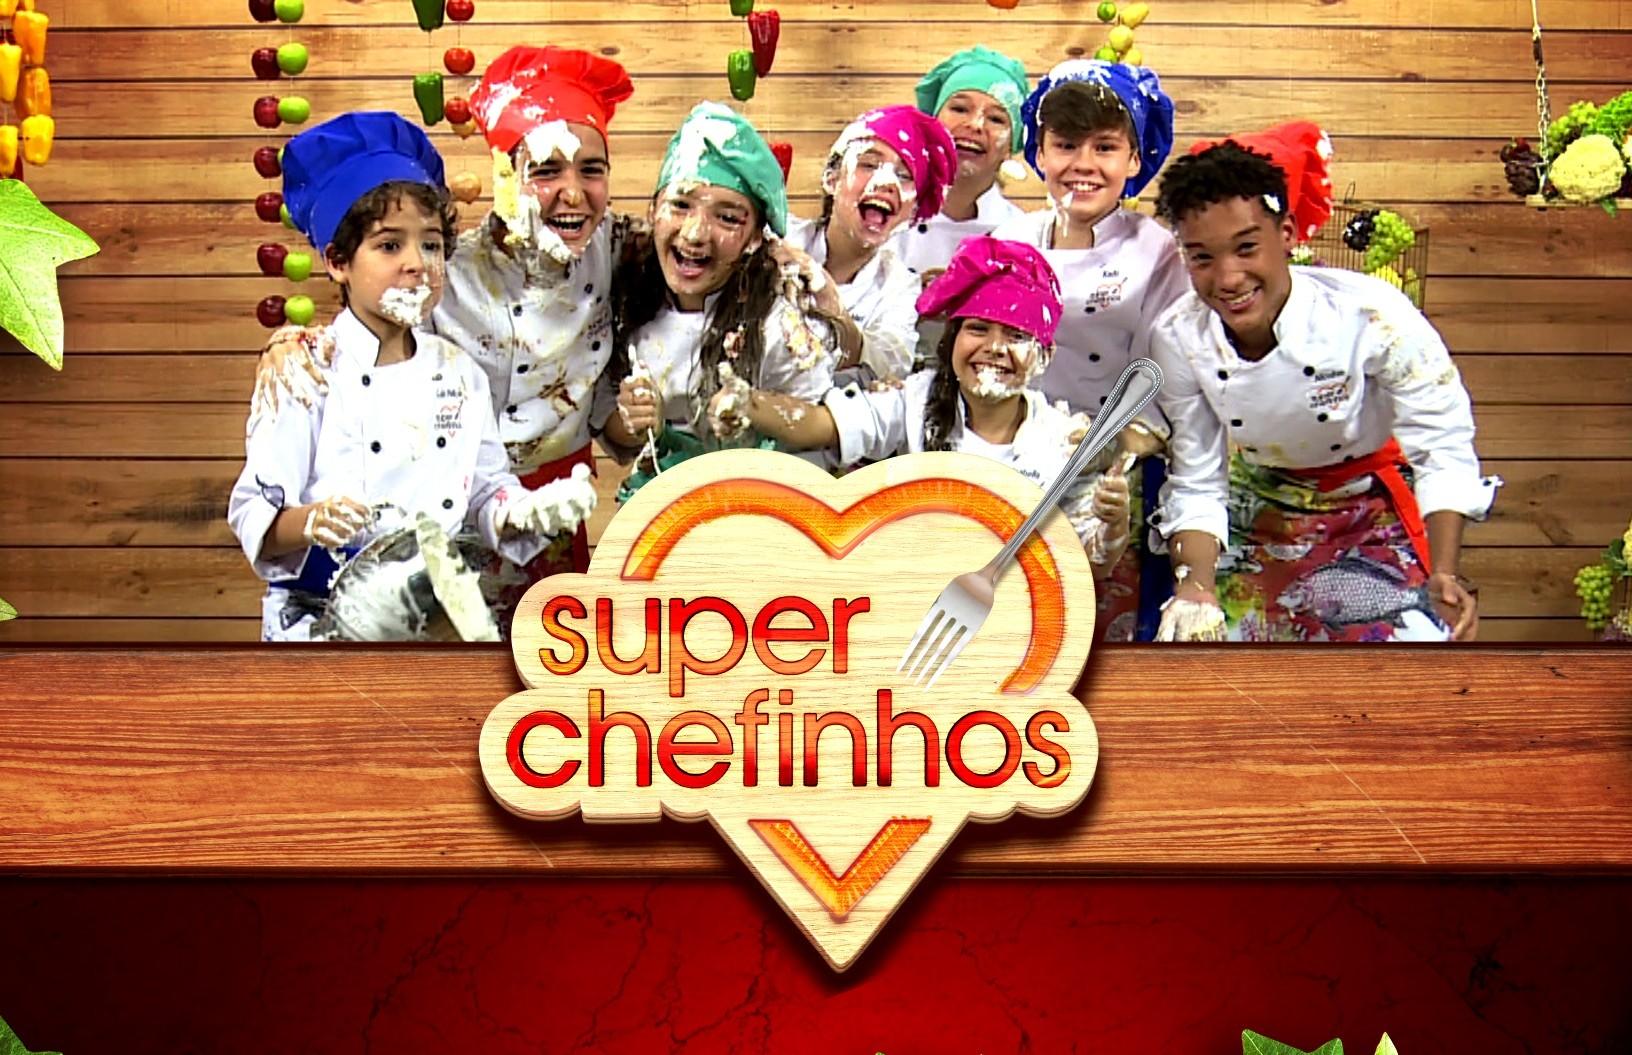 Super Chefinhos 2016